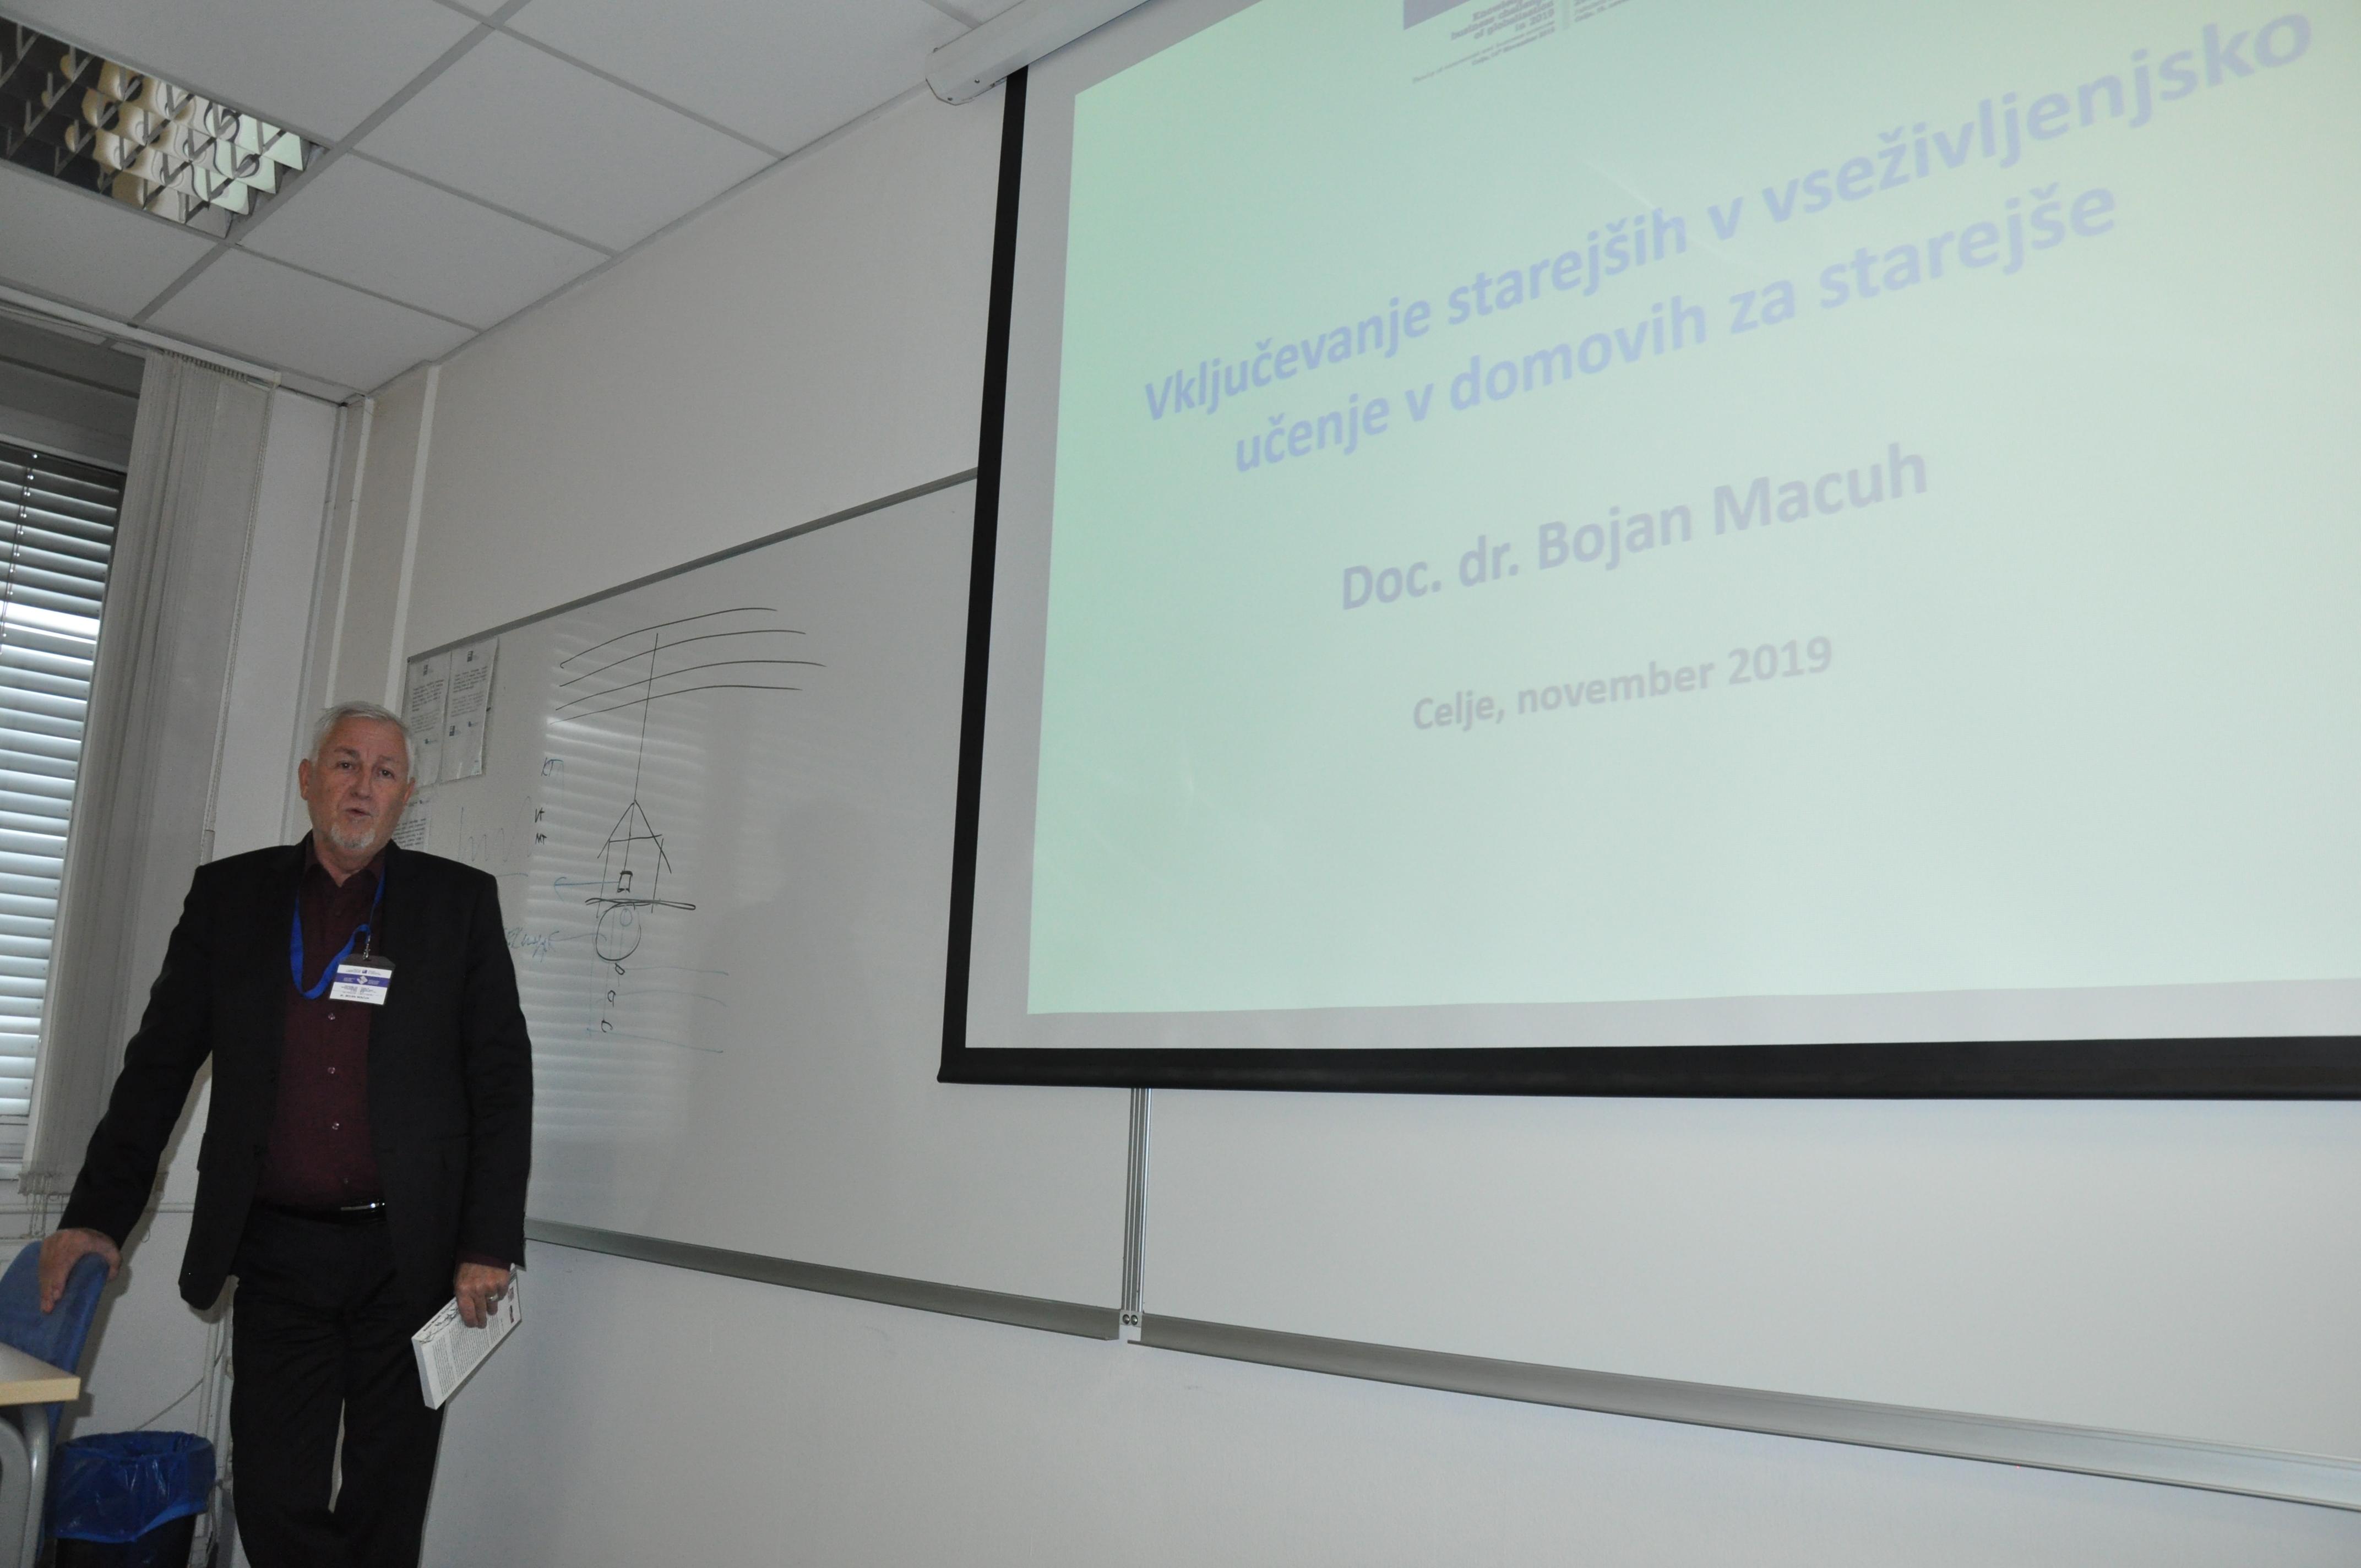 Delo v sekcijah dr. Bojan Macuh